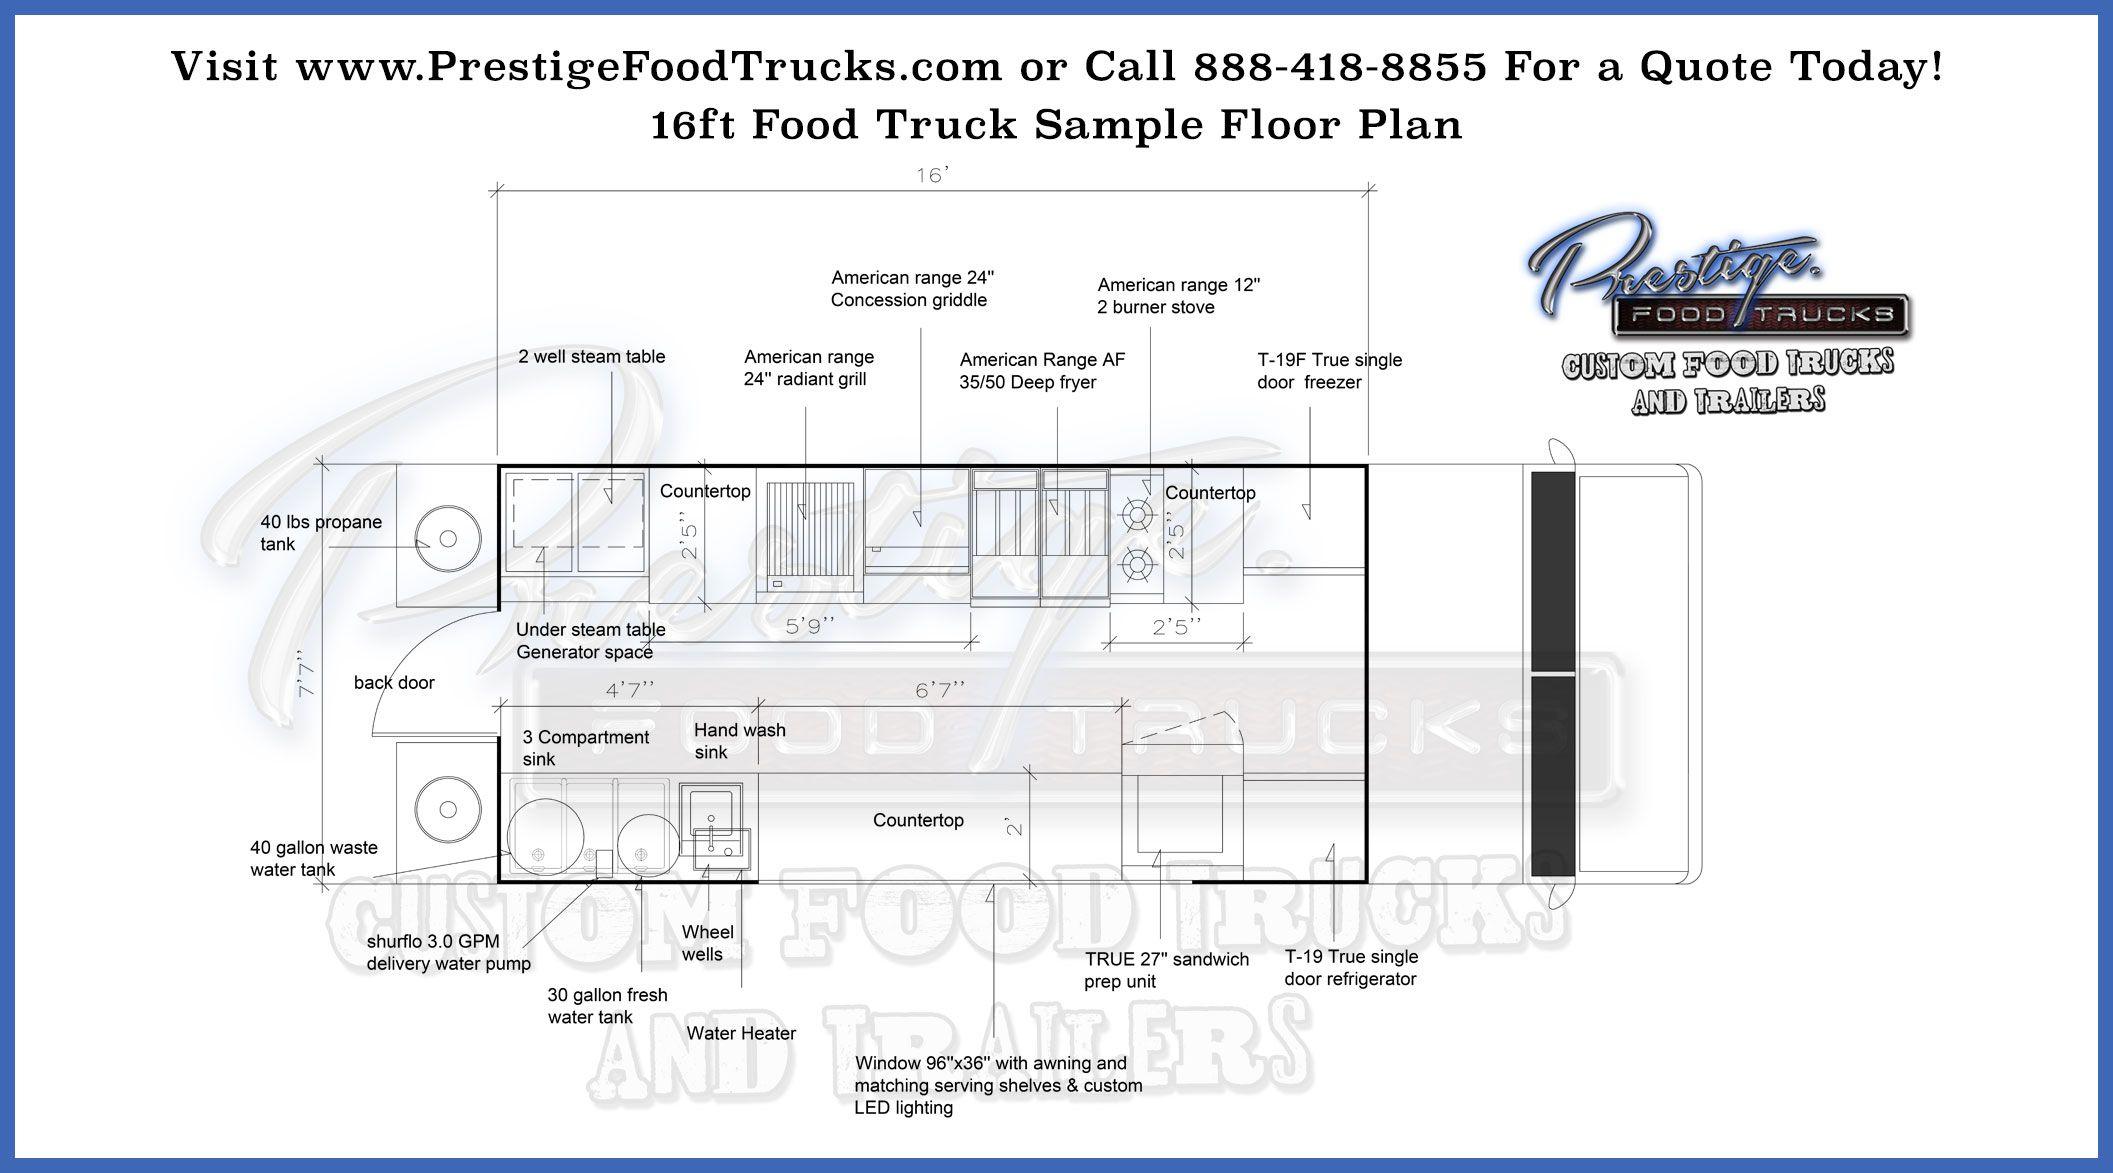 Food Truck Floor Plan Samples Food truck for sale, Food